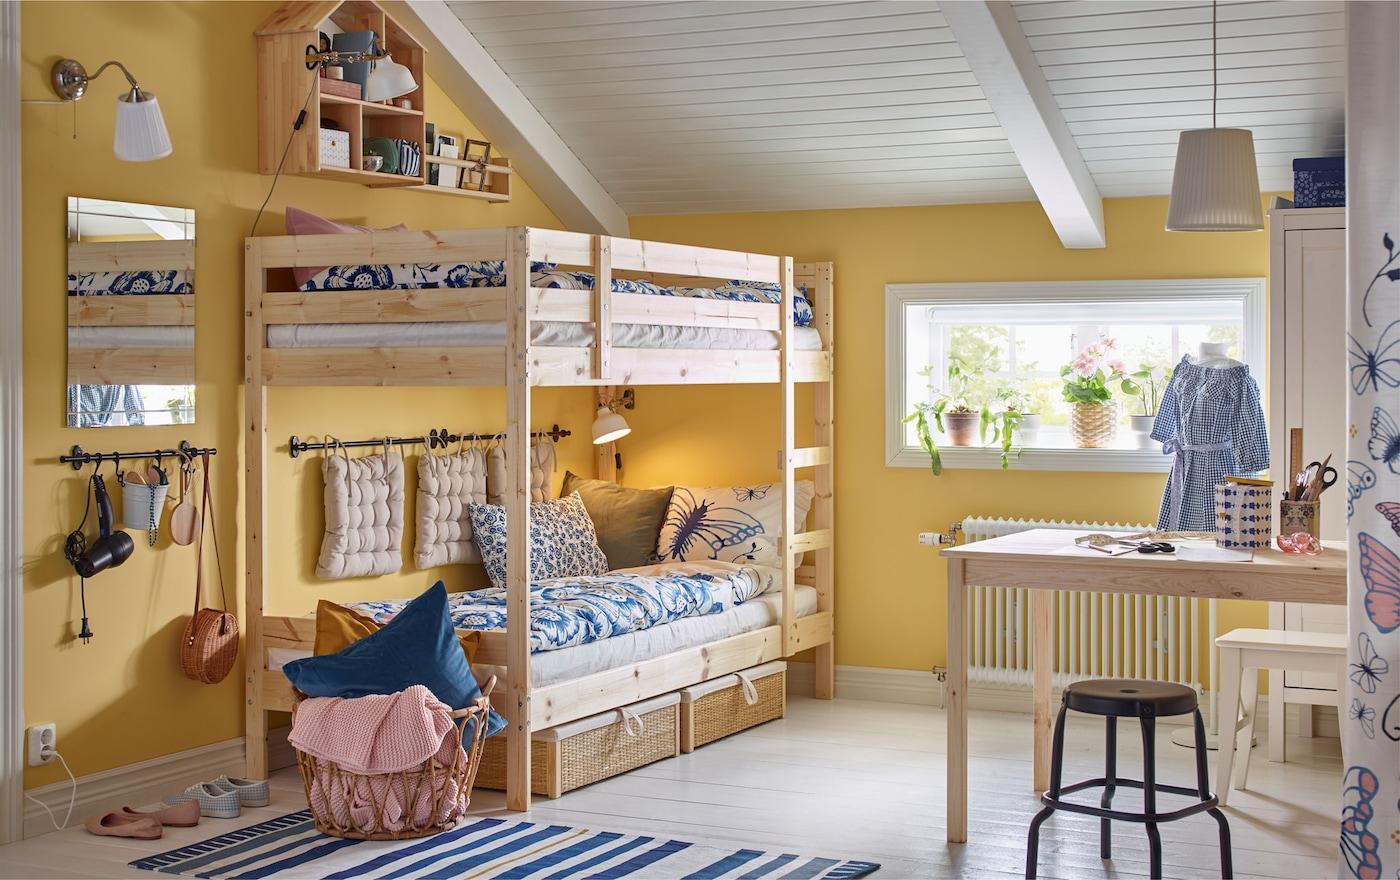 kinderkamer IKEA MYDAL stapelbed NÄPEN kinderbureau kinderkamerverlichting